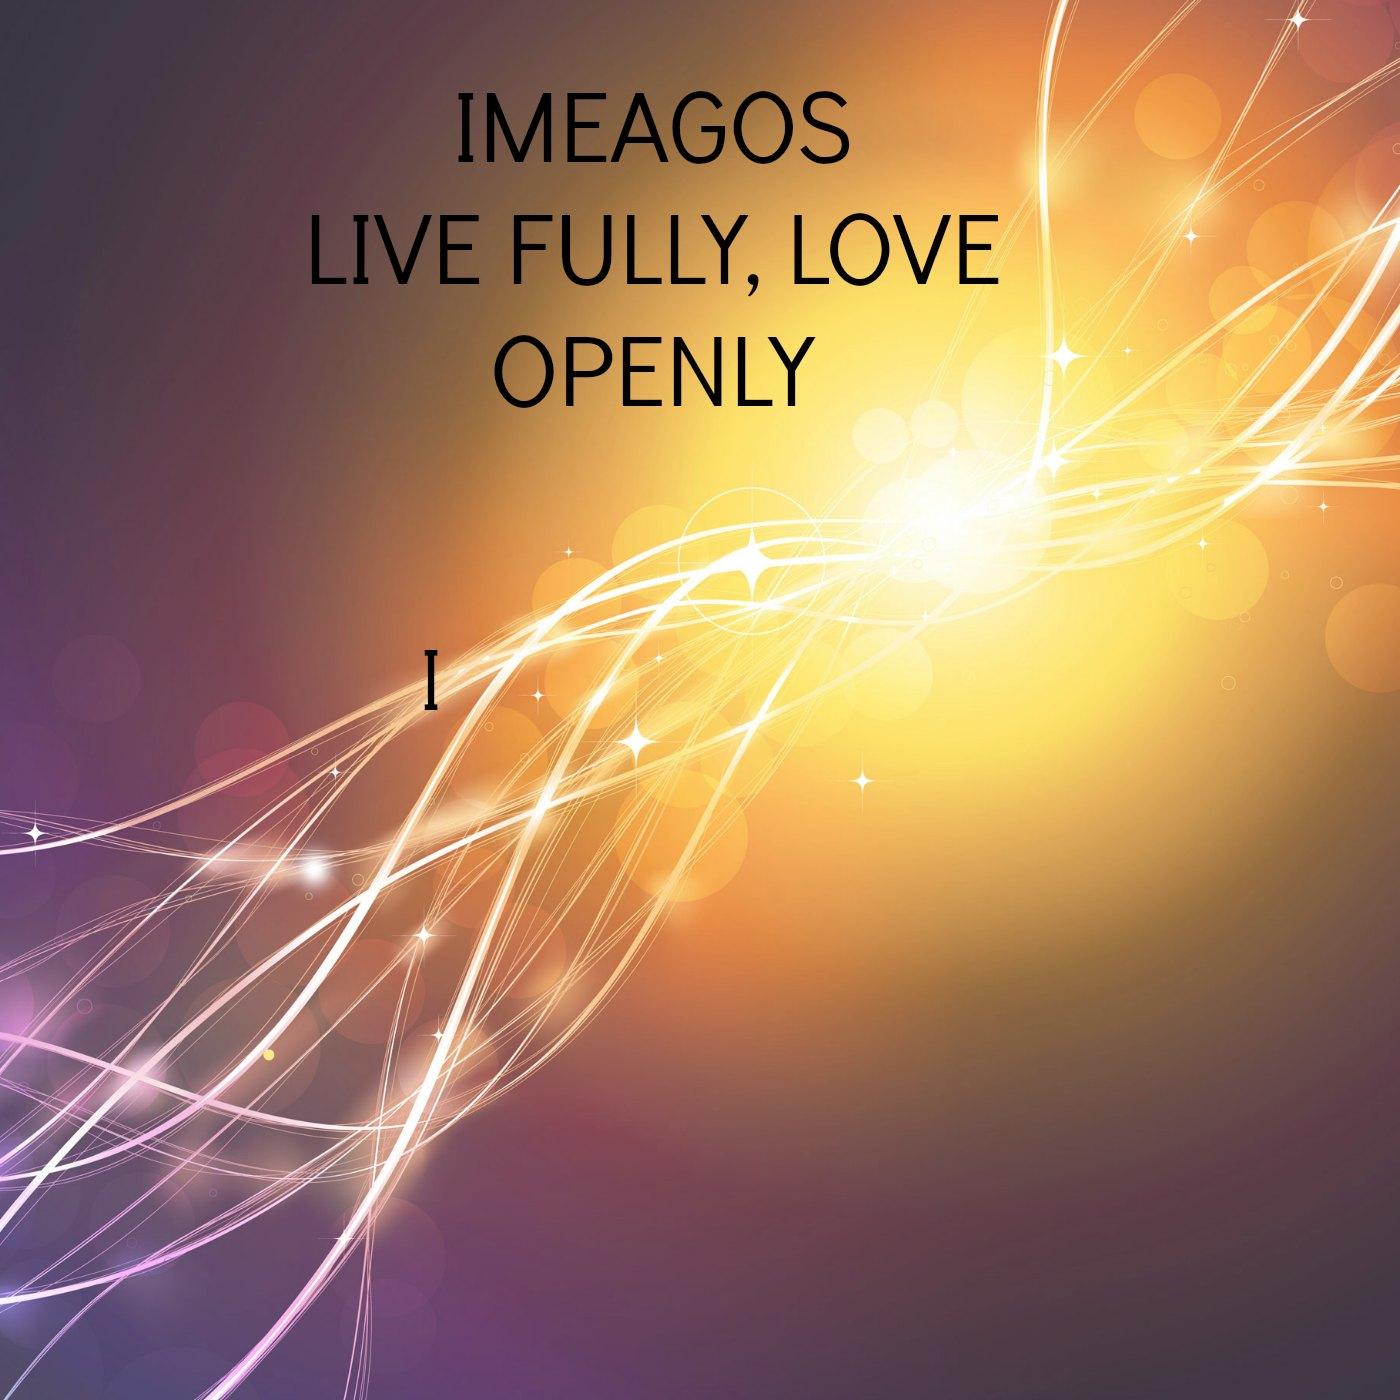 IMEAGOS